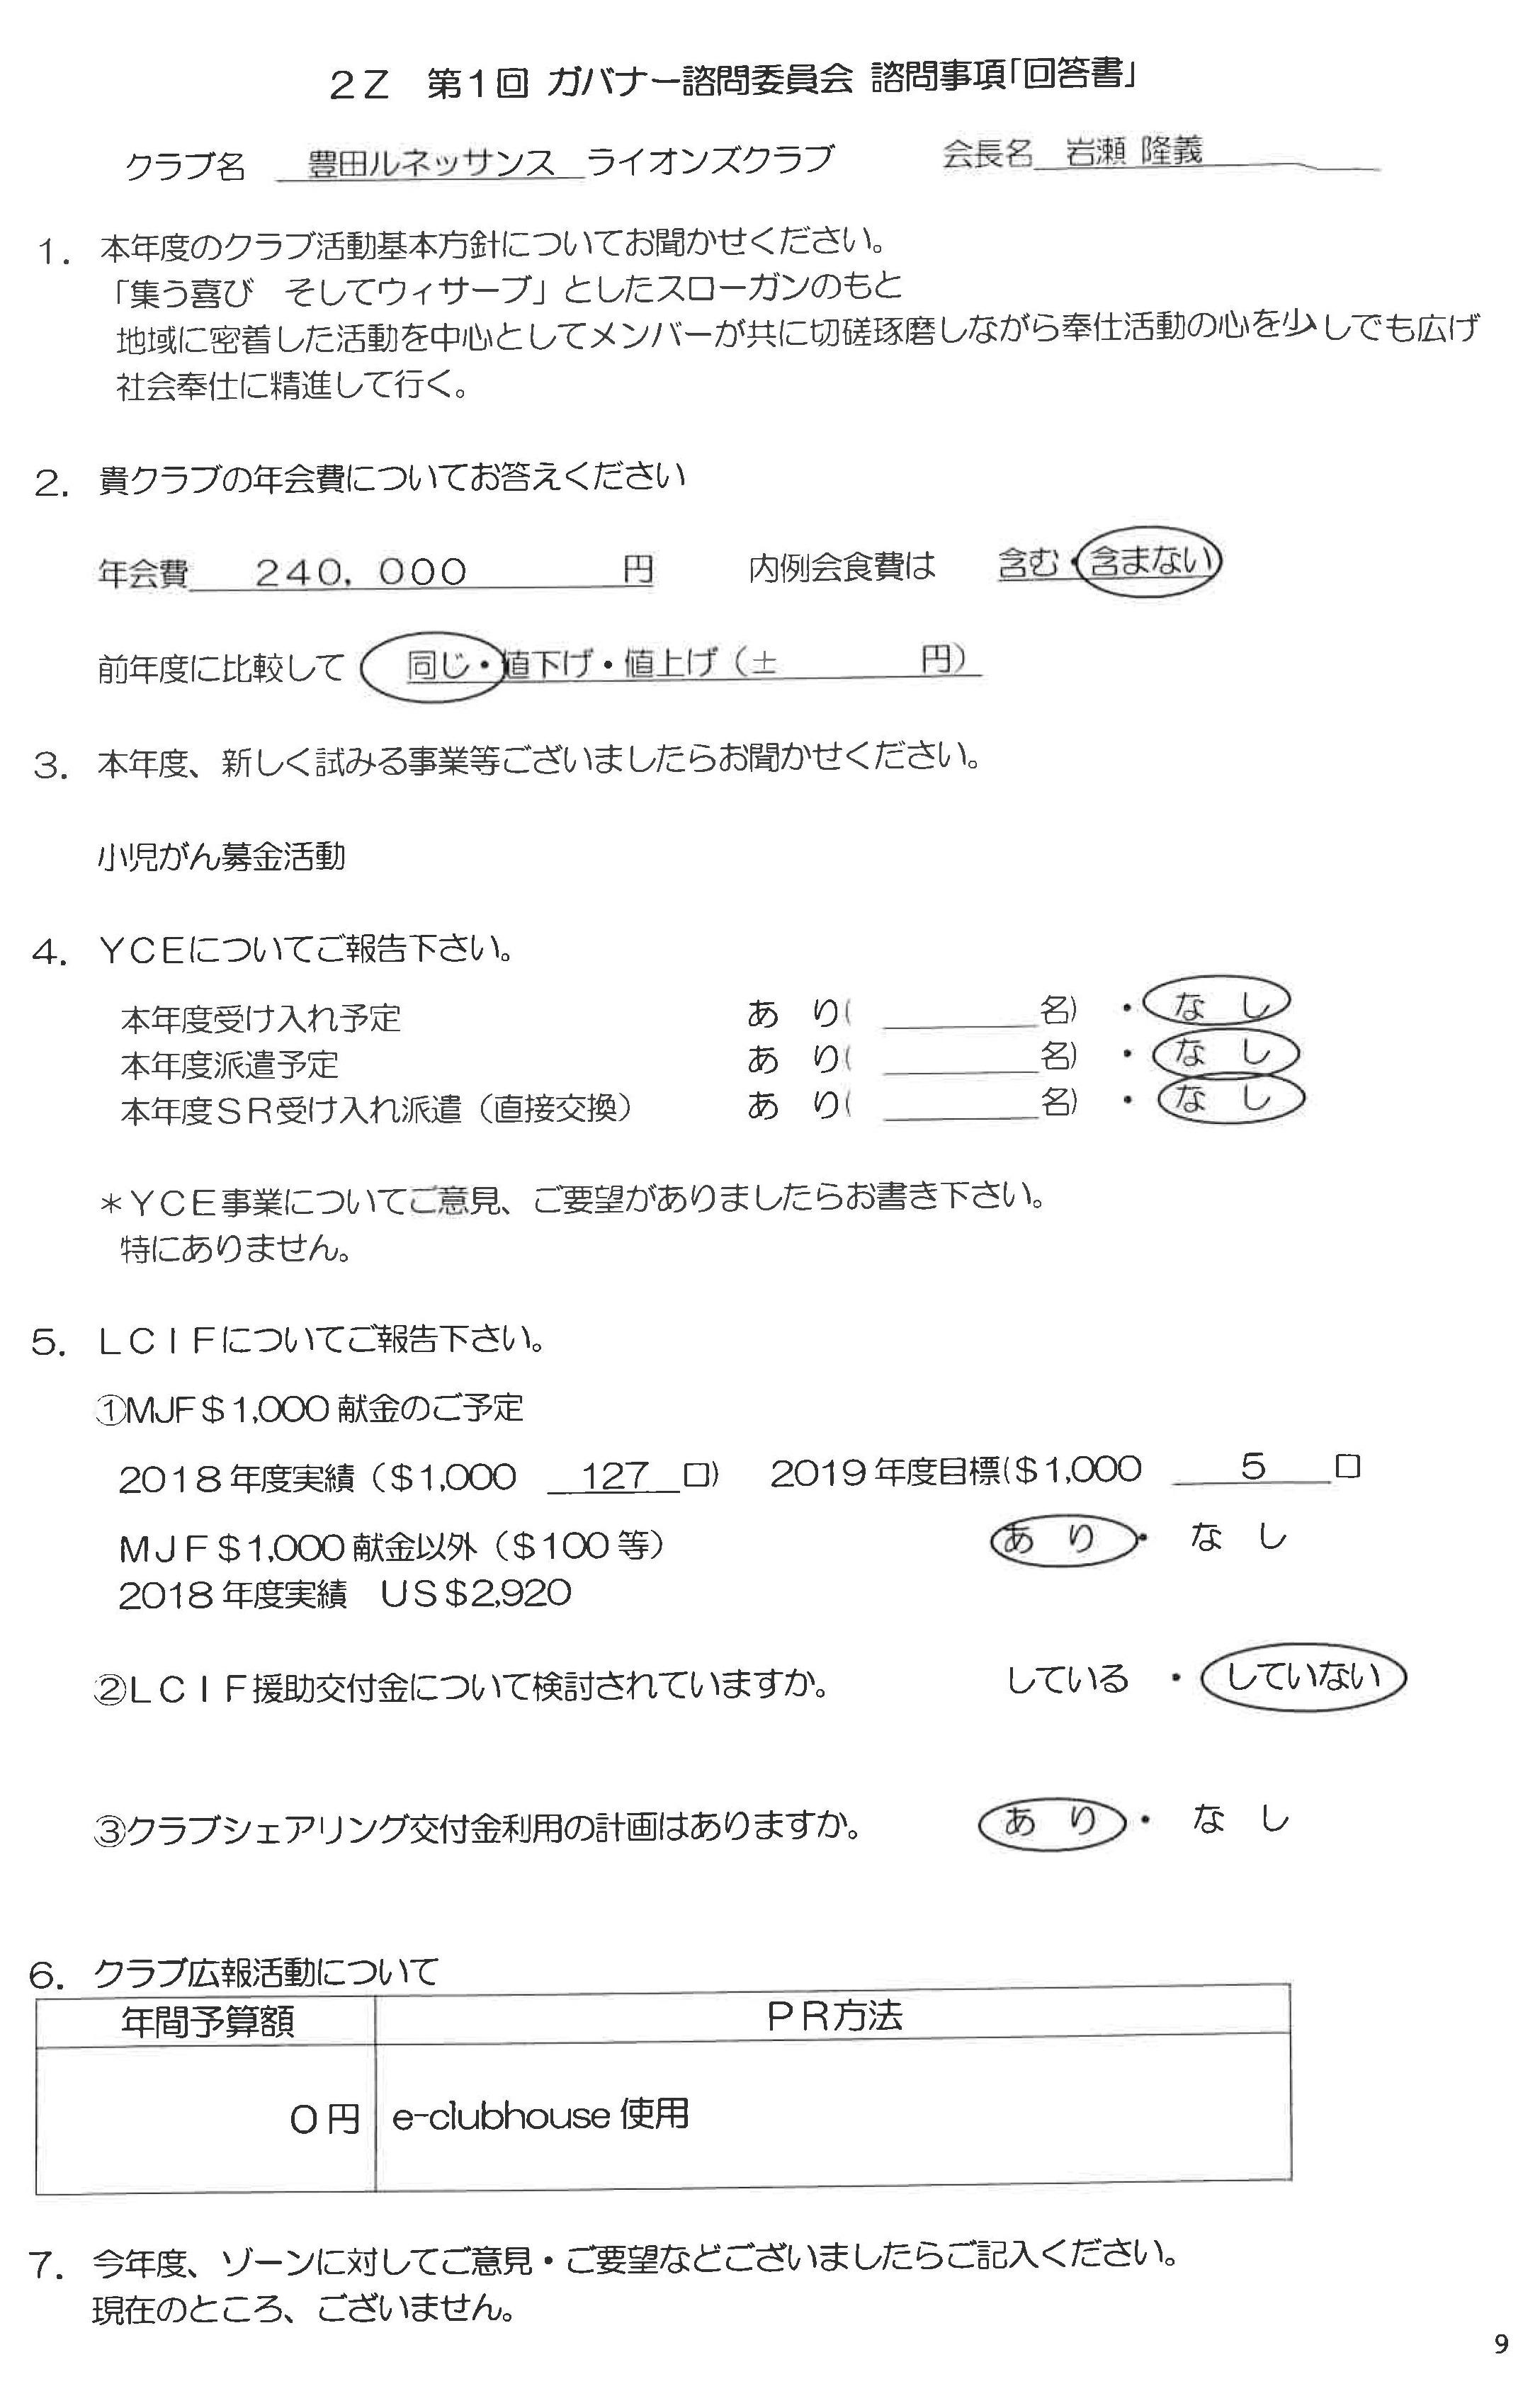 11第1回G諮問委員会Z会議 豊田ルネッサンスLC諮問事項(回答書)1